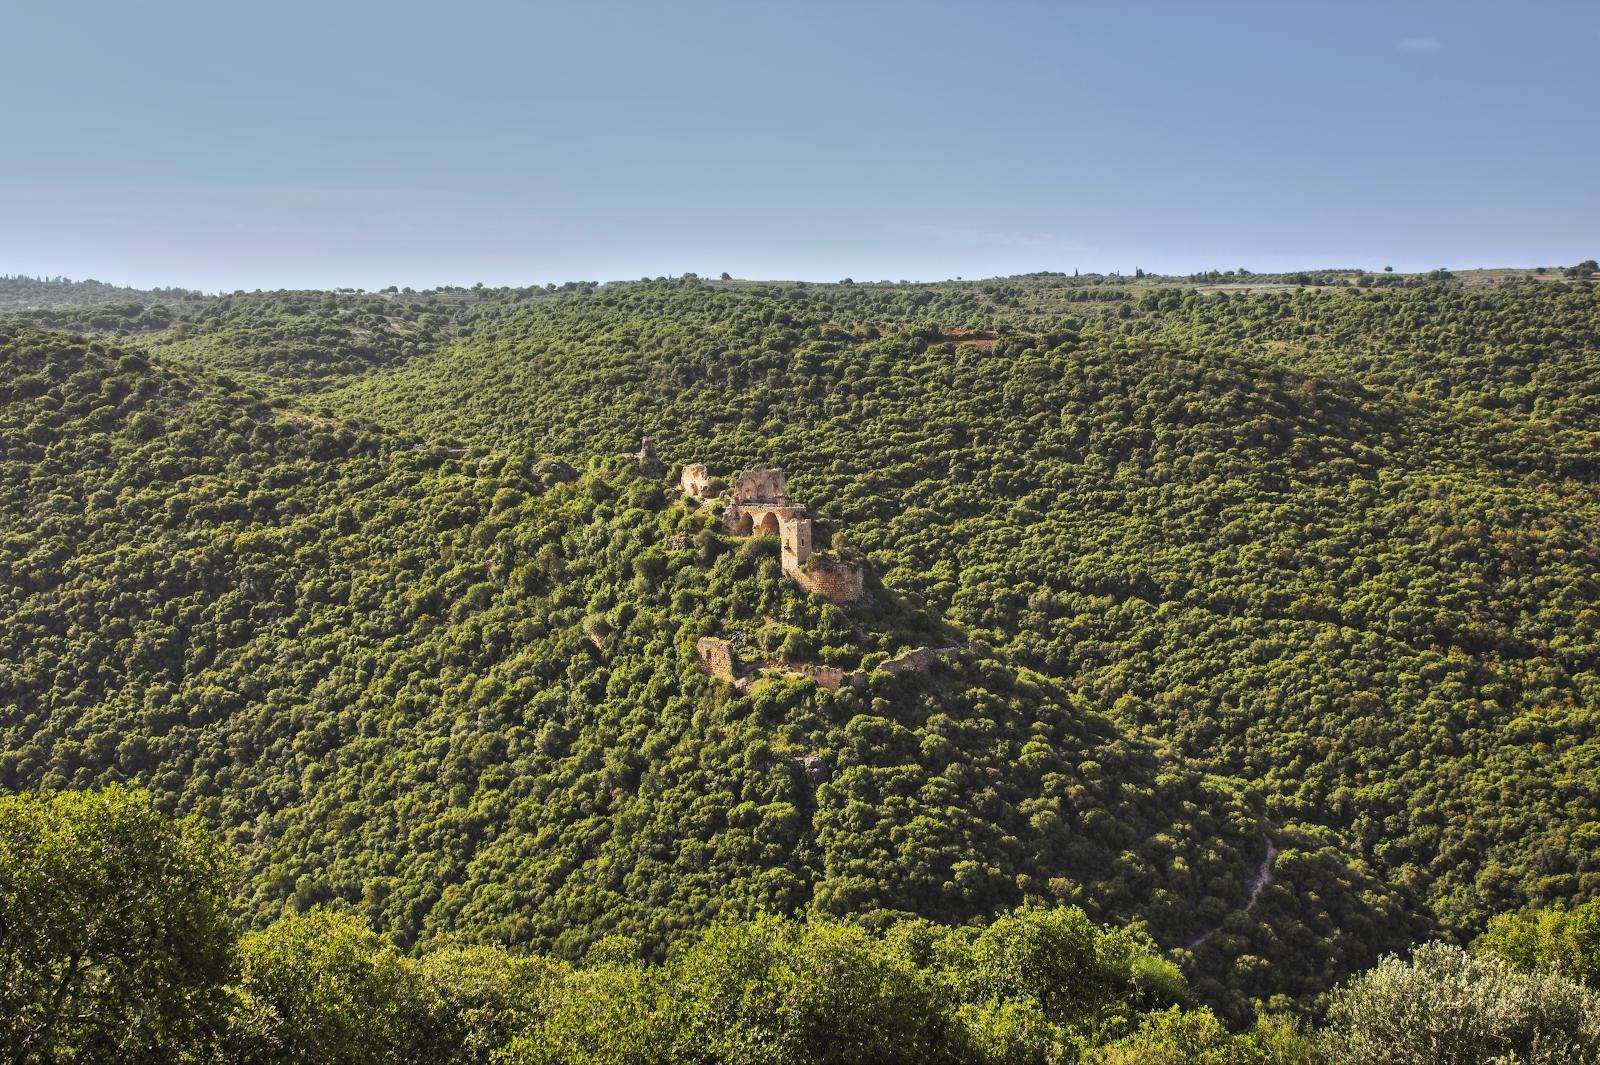 Bạn có biết quê hương của Chúa Giê-su ở Ga-li-lê đã (và hiện tại) là một ốc đảo xum xuê và xanh tươi?